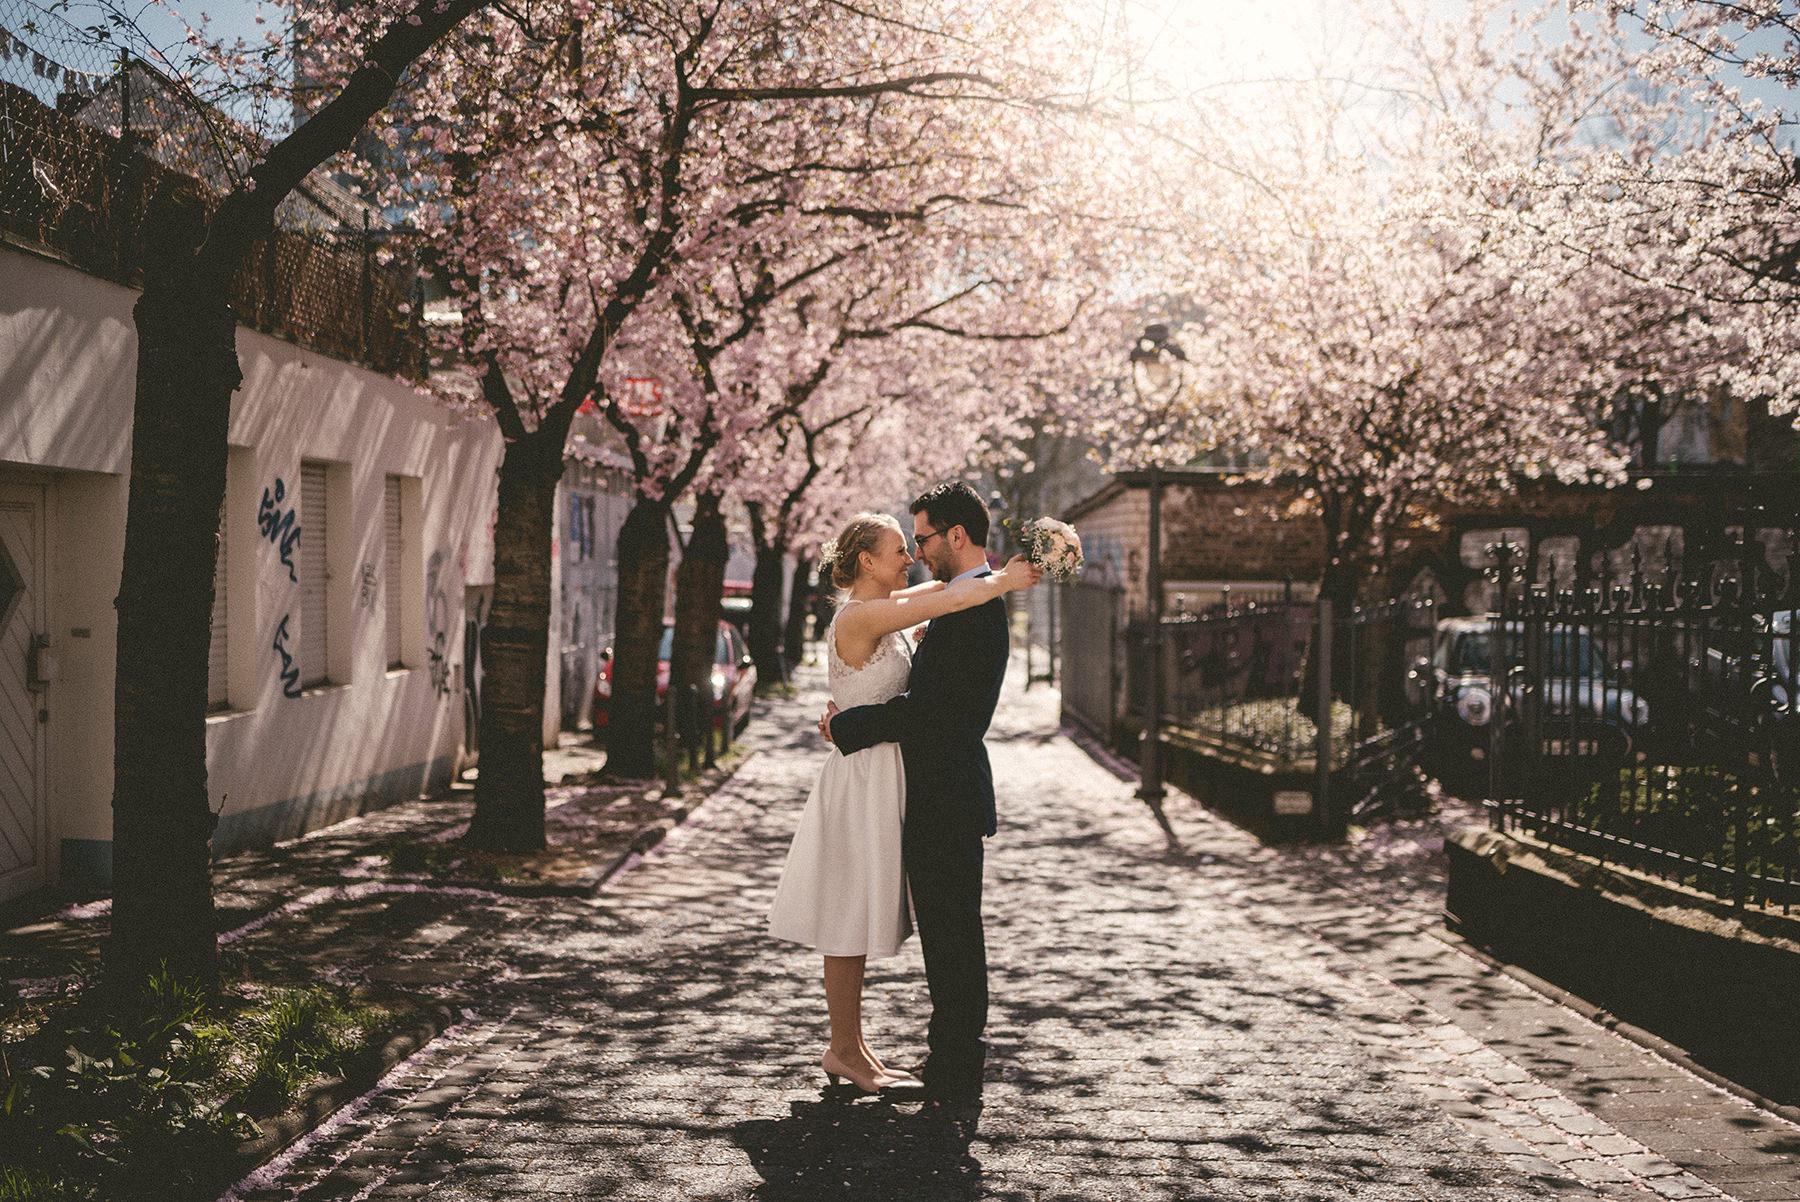 Hochzeit-Bonn-Kirschblüte-Sonja-Oliver-Dreamcatcher-Photography-Hochzeitsfotografie (16)